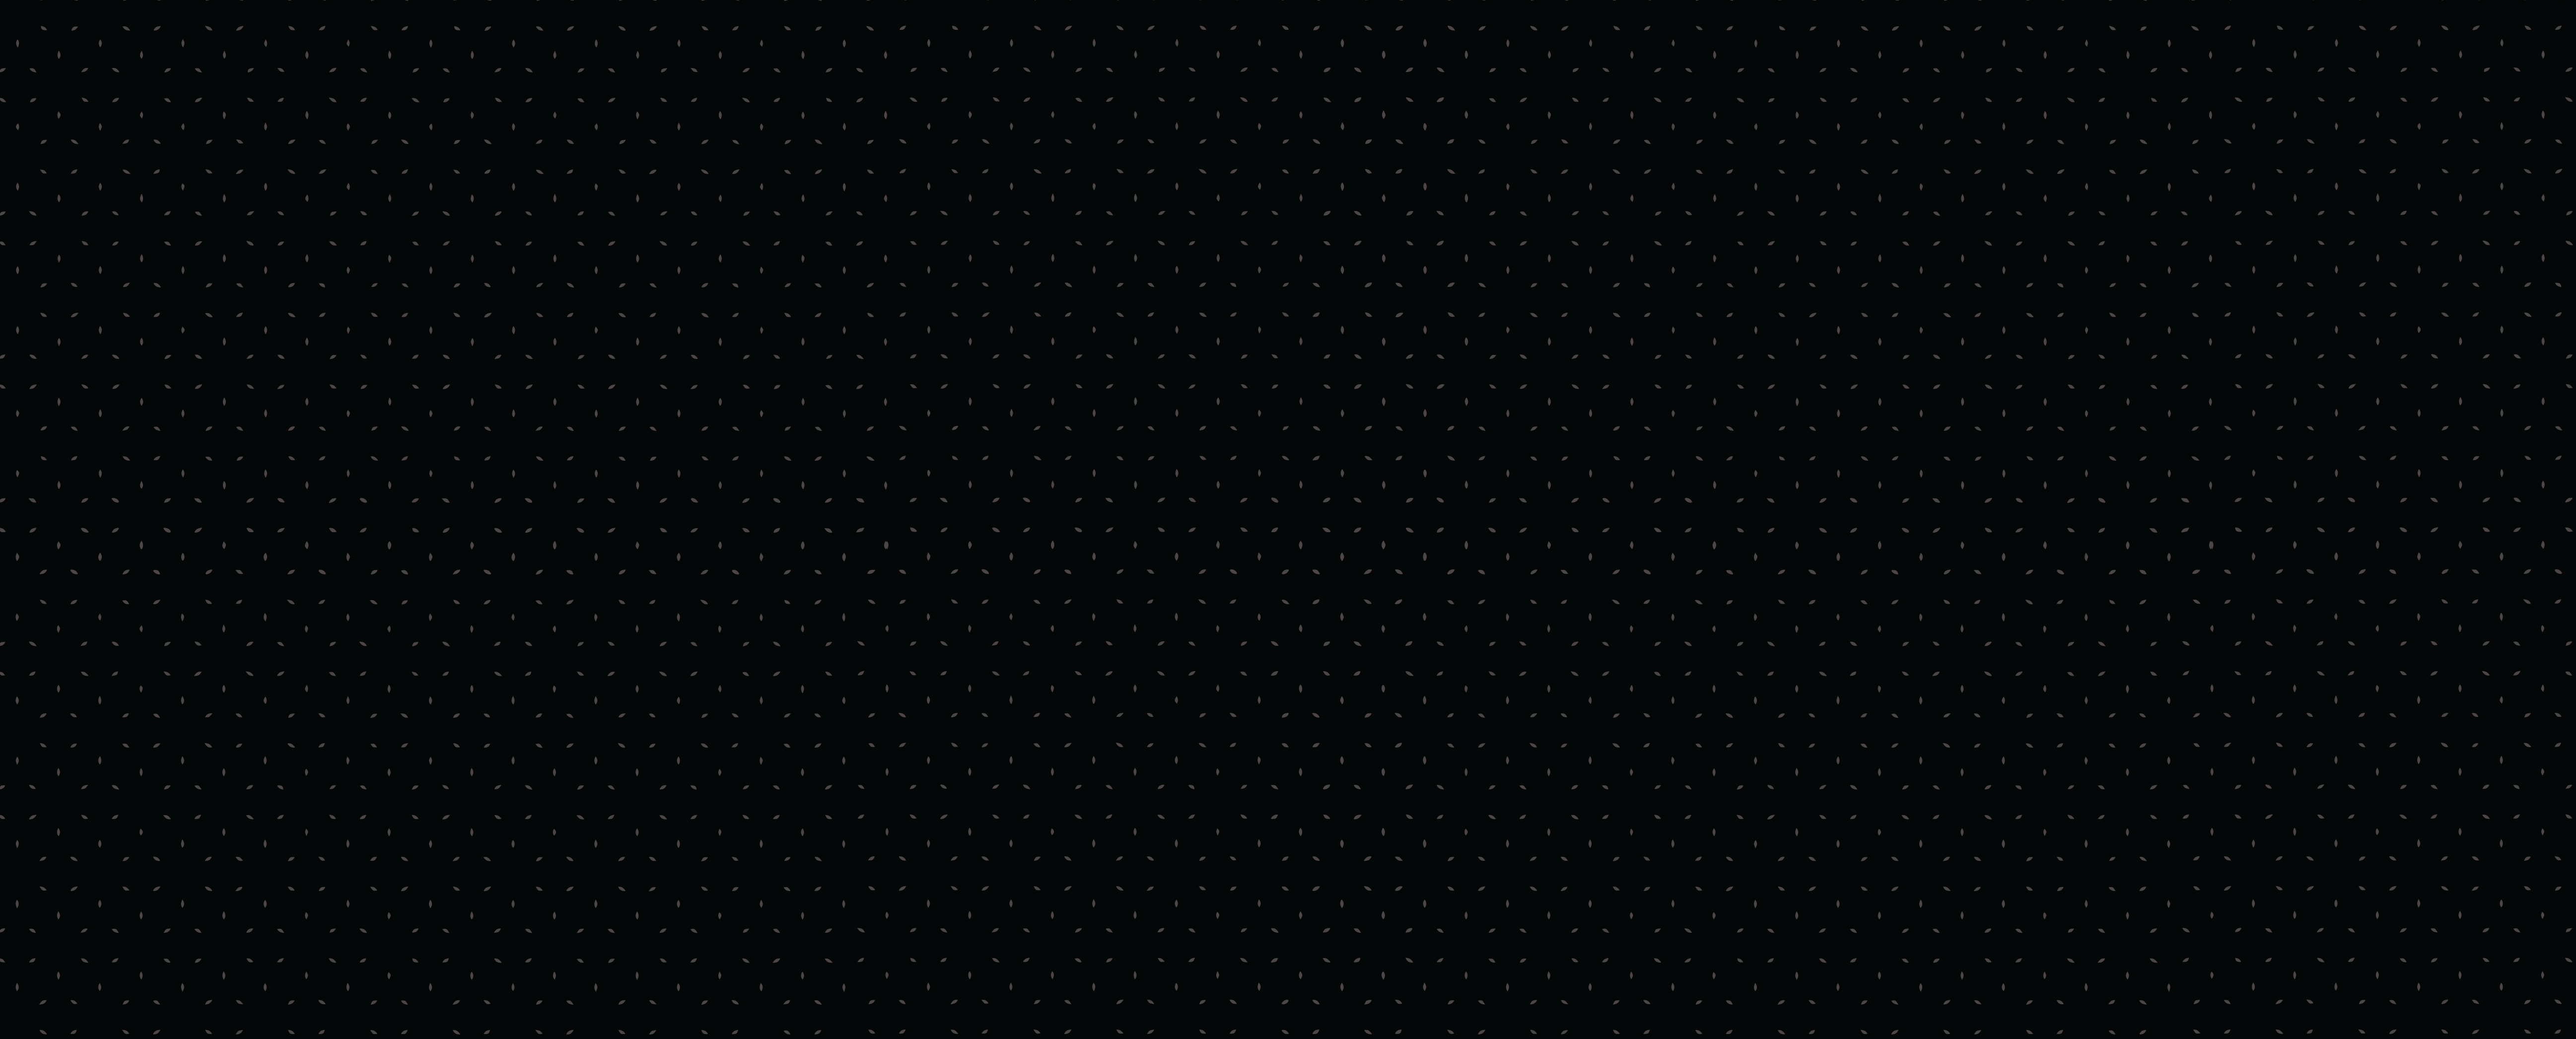 blos_background-1